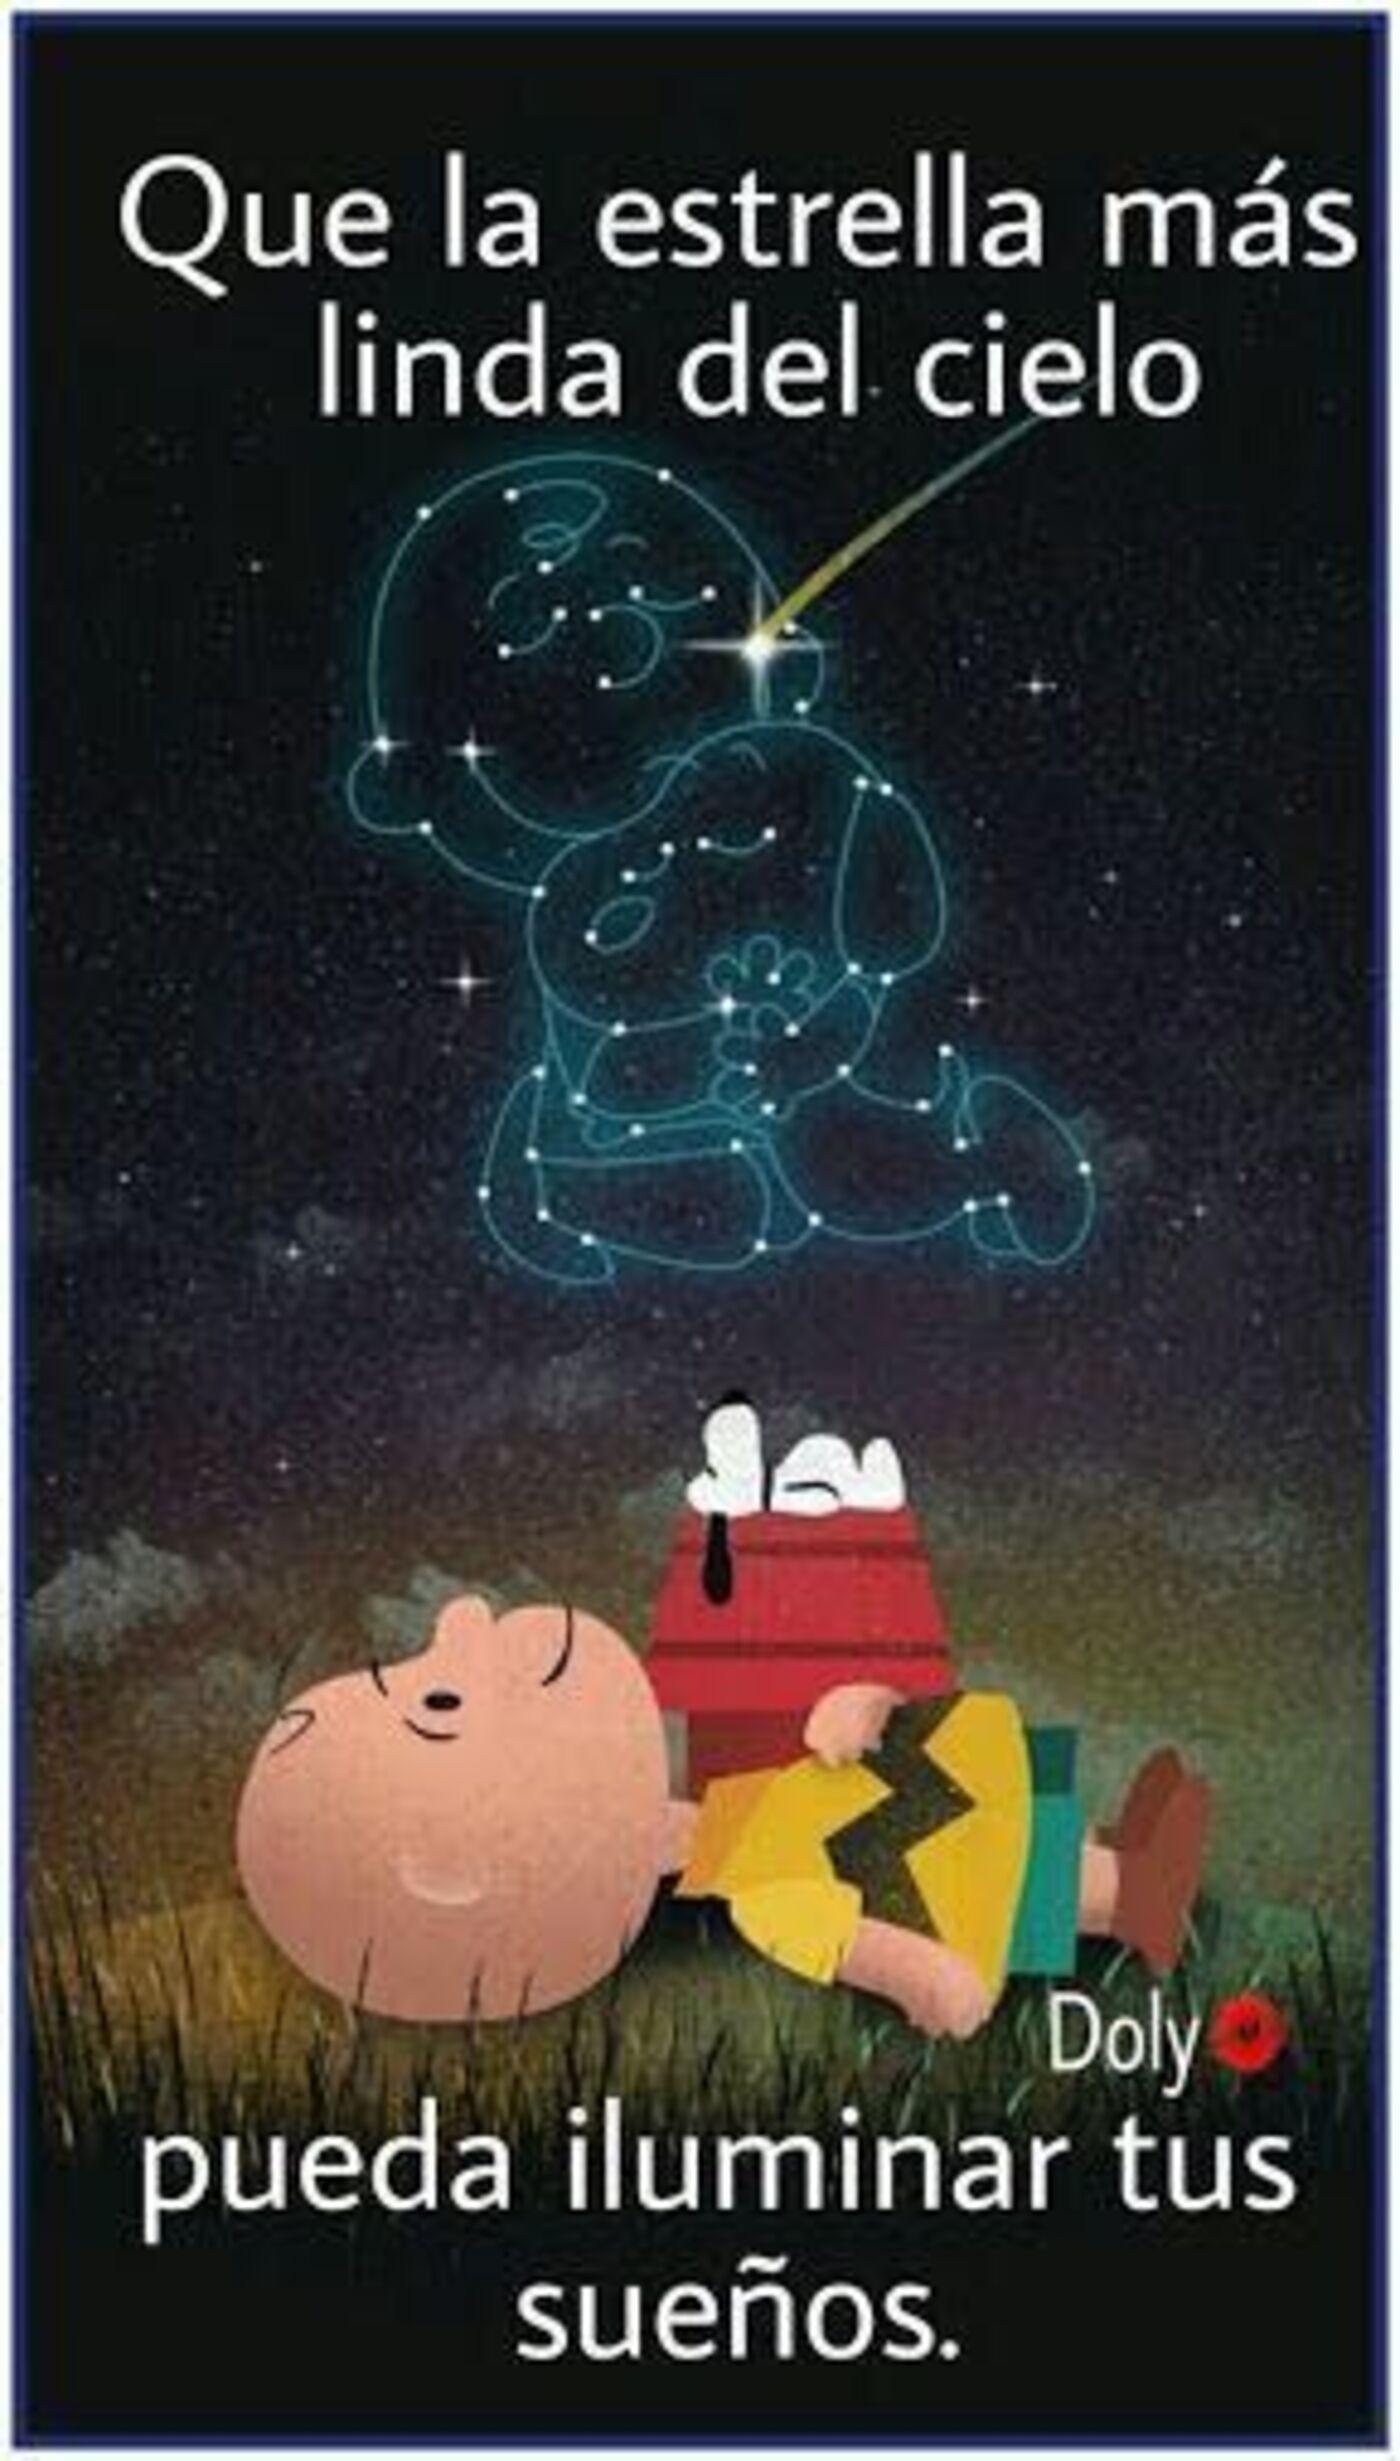 Que la estrella más linda del cielo pueda iluminar tus sueños